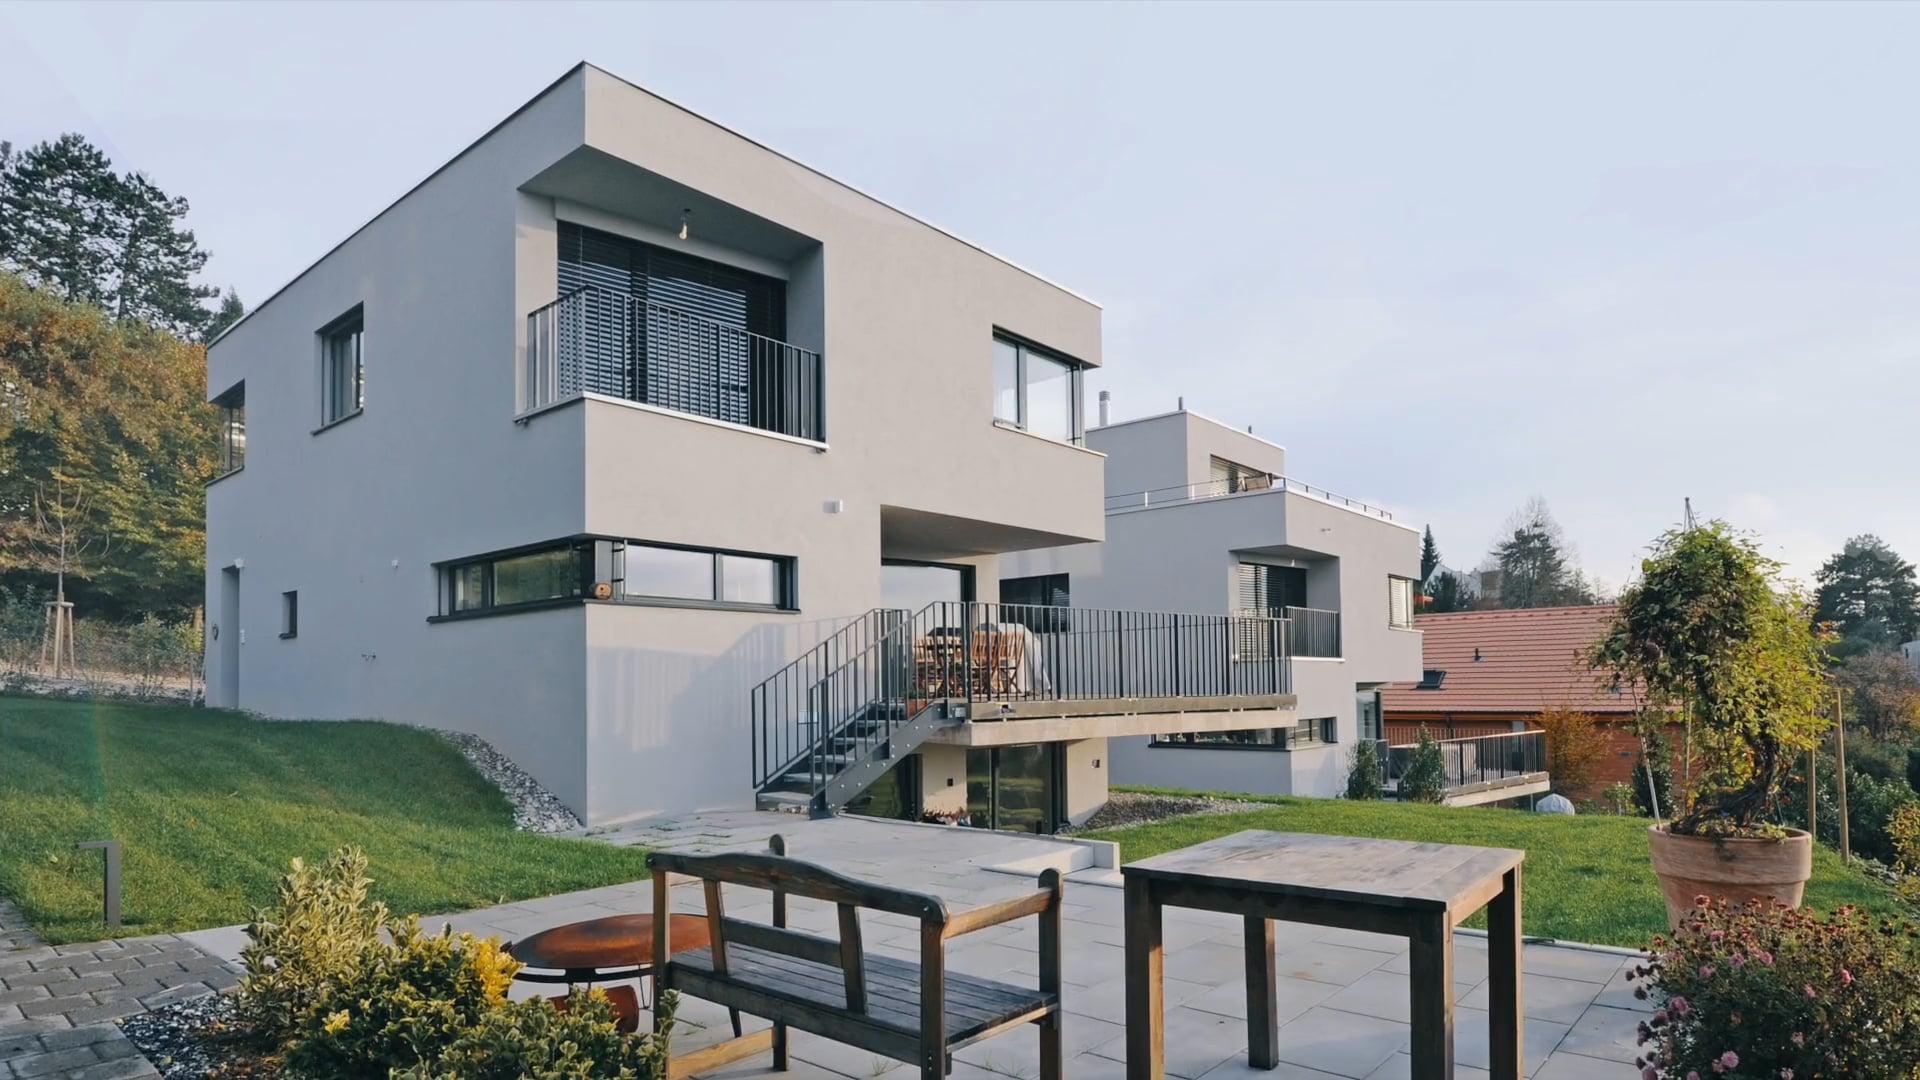 L1 Architekten in Arlesheim